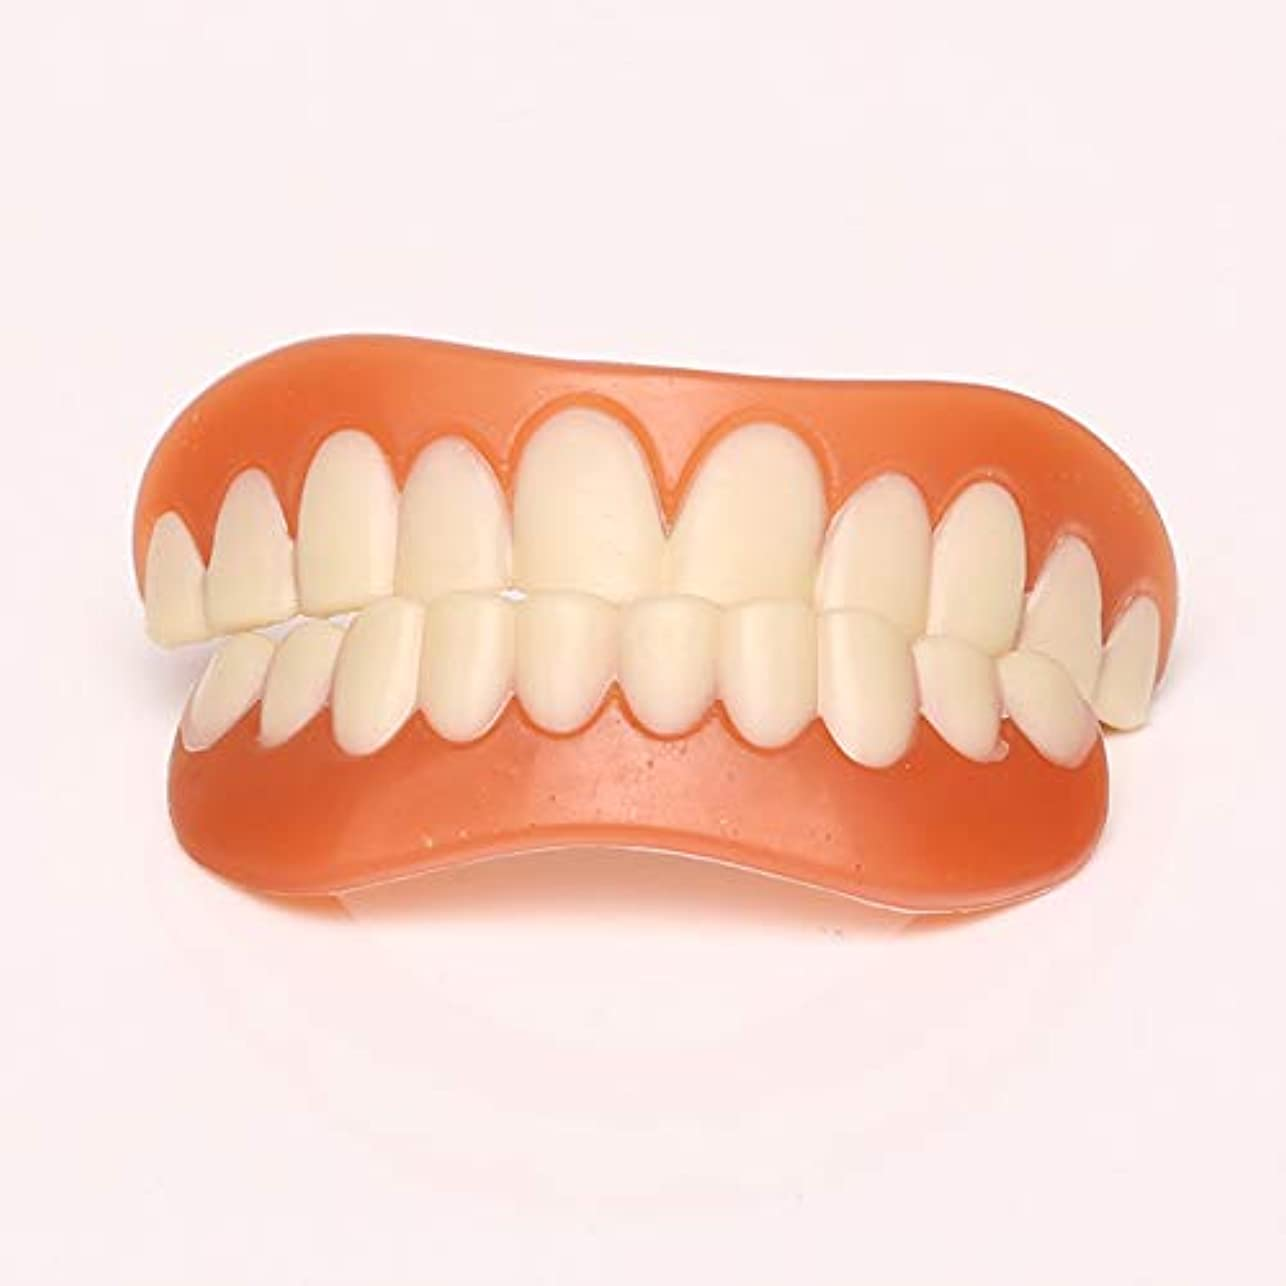 ソーダ水船上純粋な化粧品の歯、白い歯をきれいにするための快適なフィットフレックス歯ソケット、化粧品の歯義歯の歯のトップ化粧品、5セット